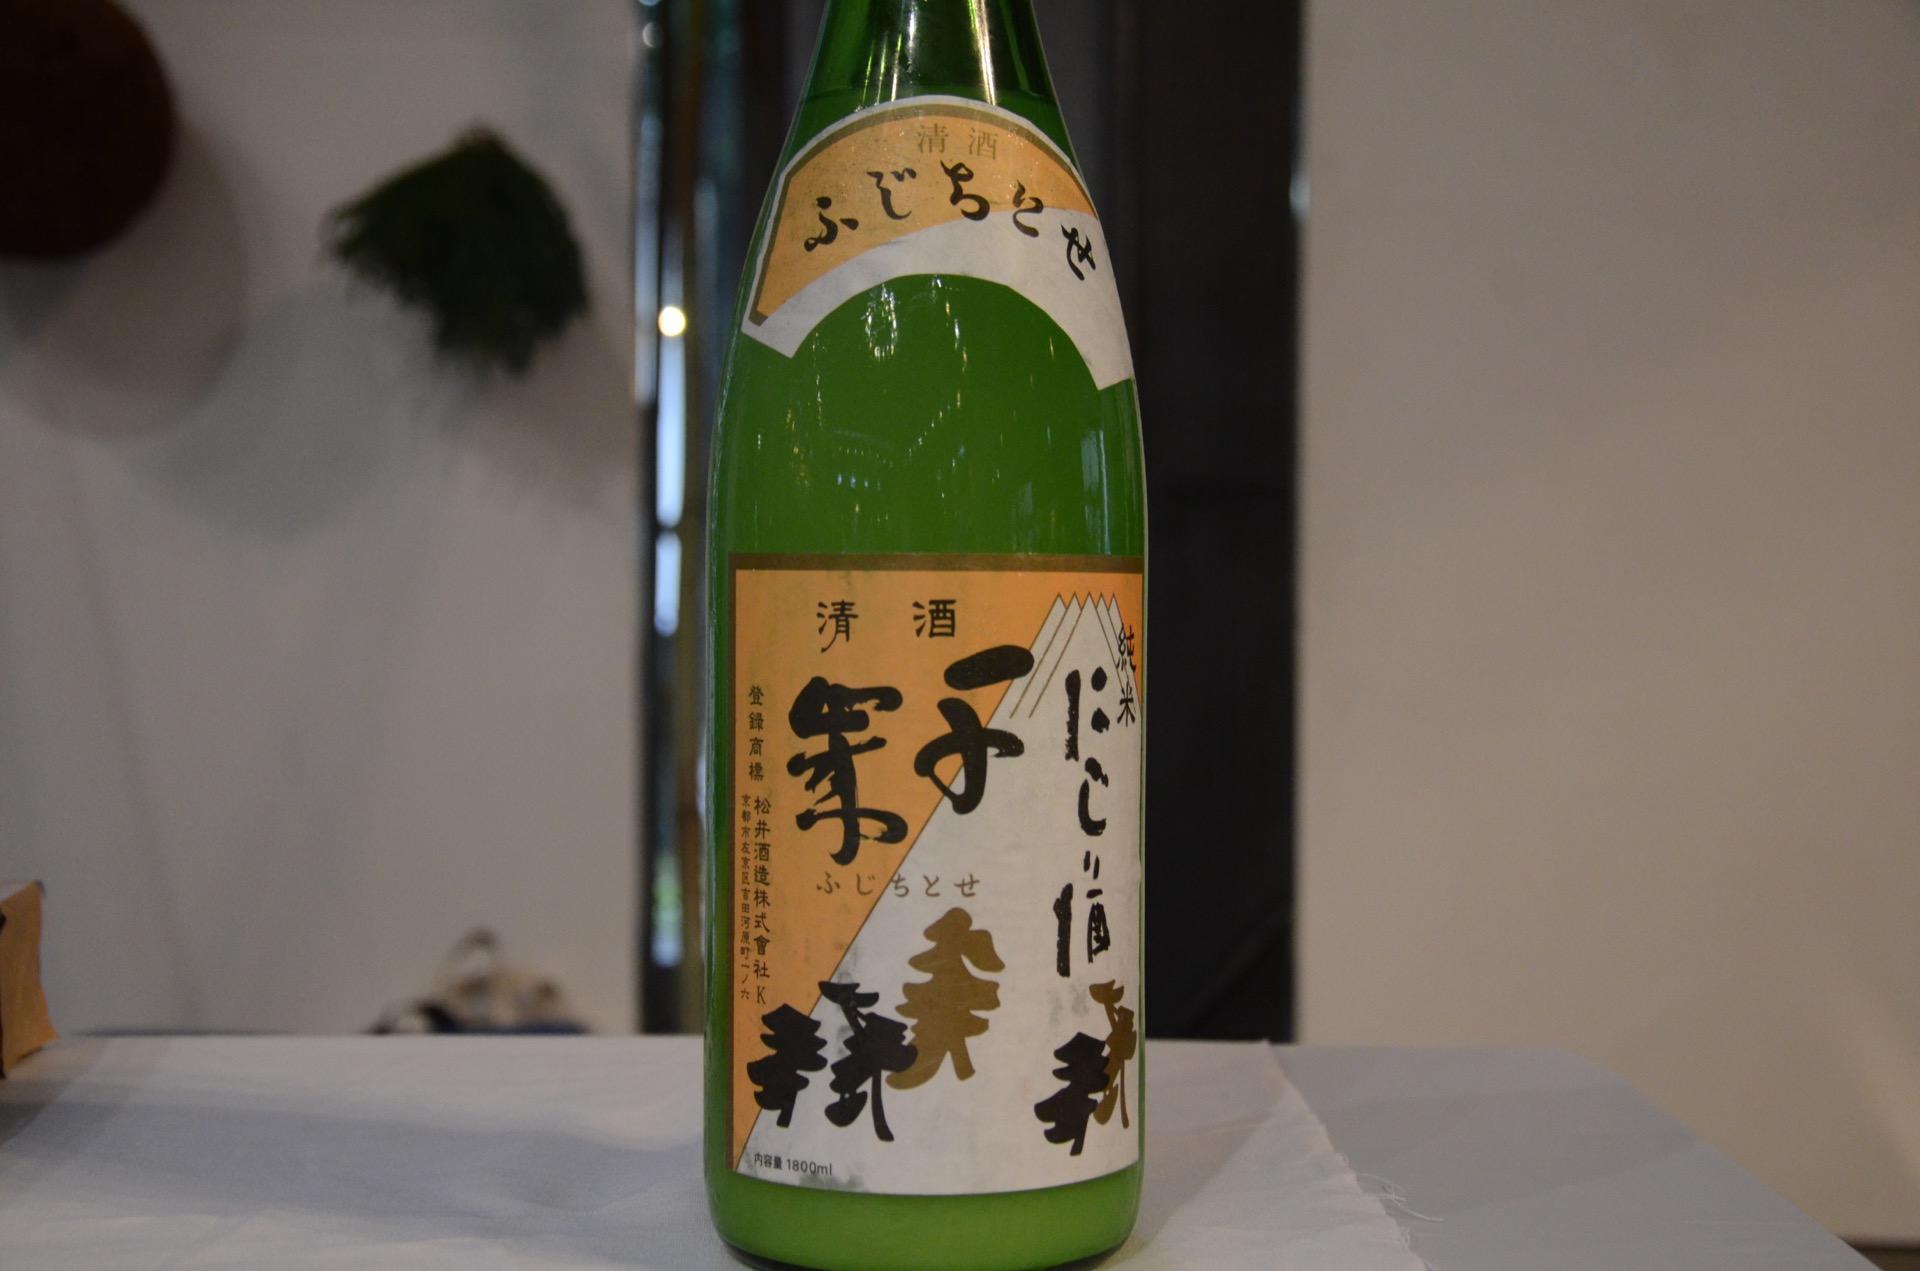 富士千歳 純米 にごり酒|日本酒テイスティングノート